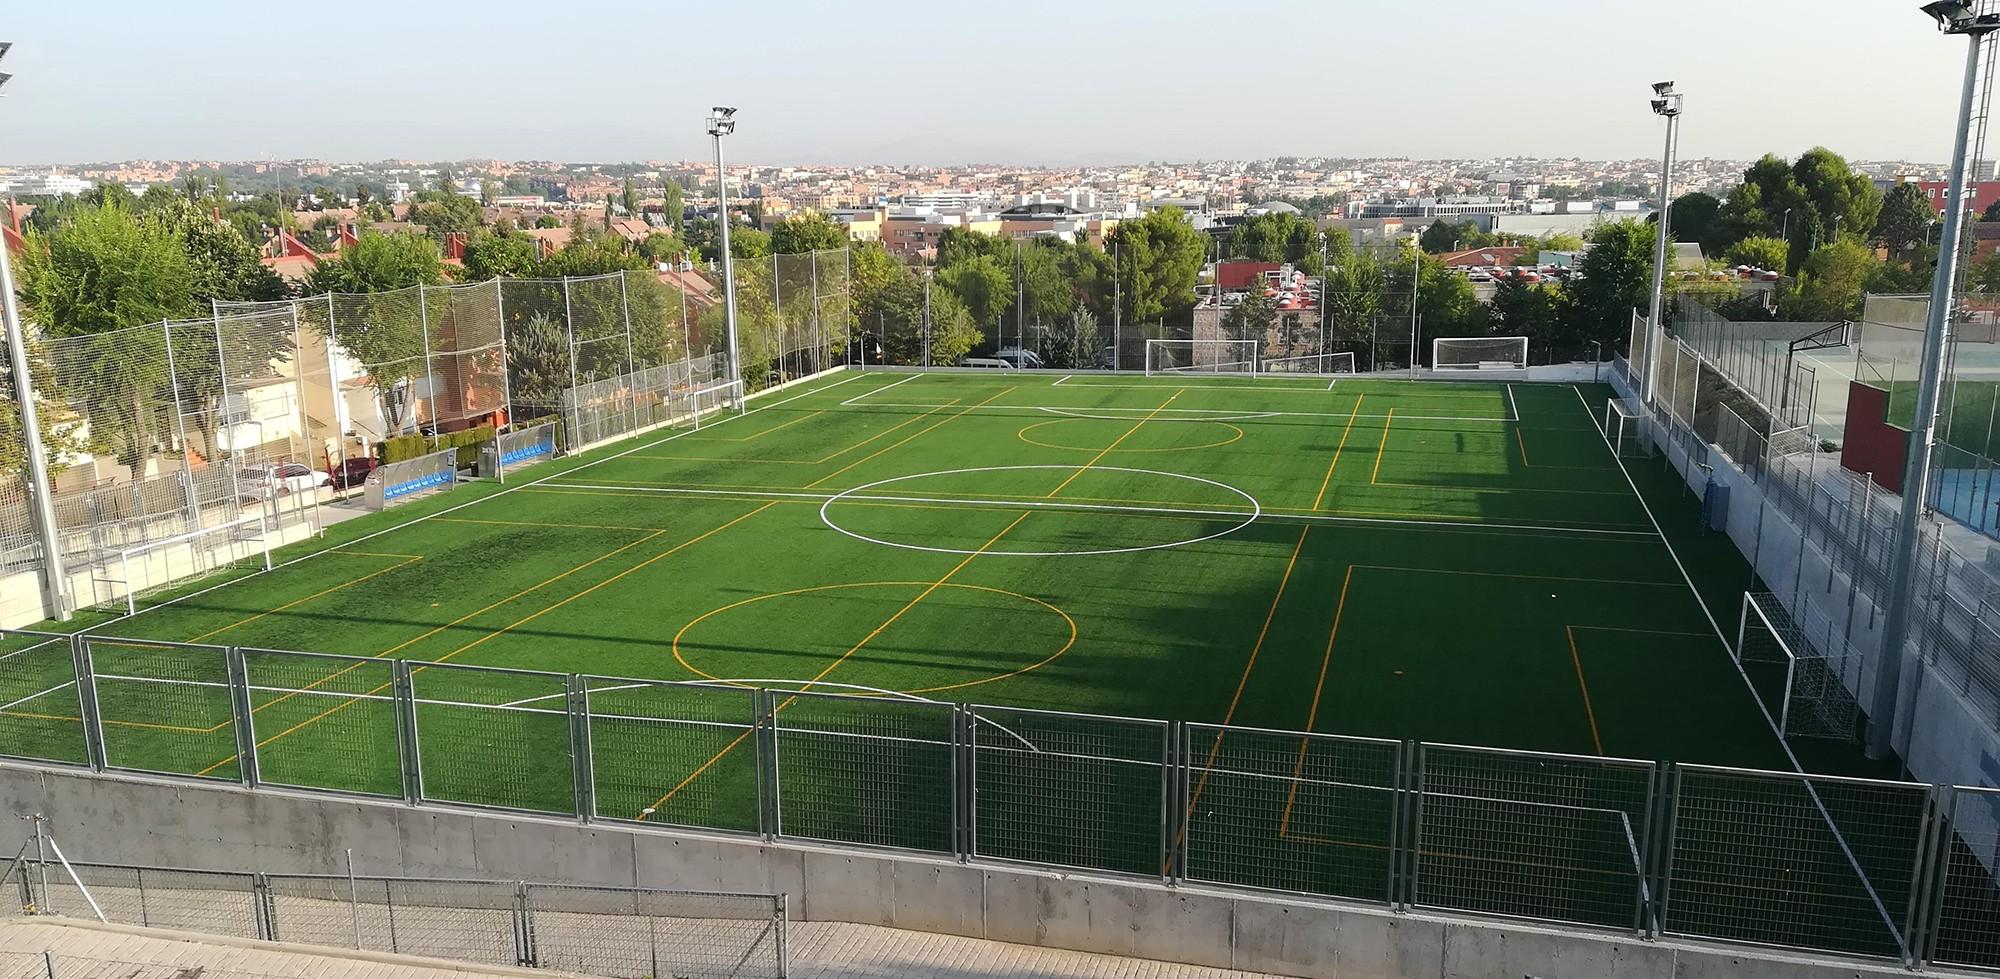 En el Colegio Aldovea (Alcobendas, Madrid), Mondo retiró el anterior césped del campo de fútbol 11 con el sistema de renovación sostenible y lo sustituyó por un sistema de césped artificial Mondoturf.